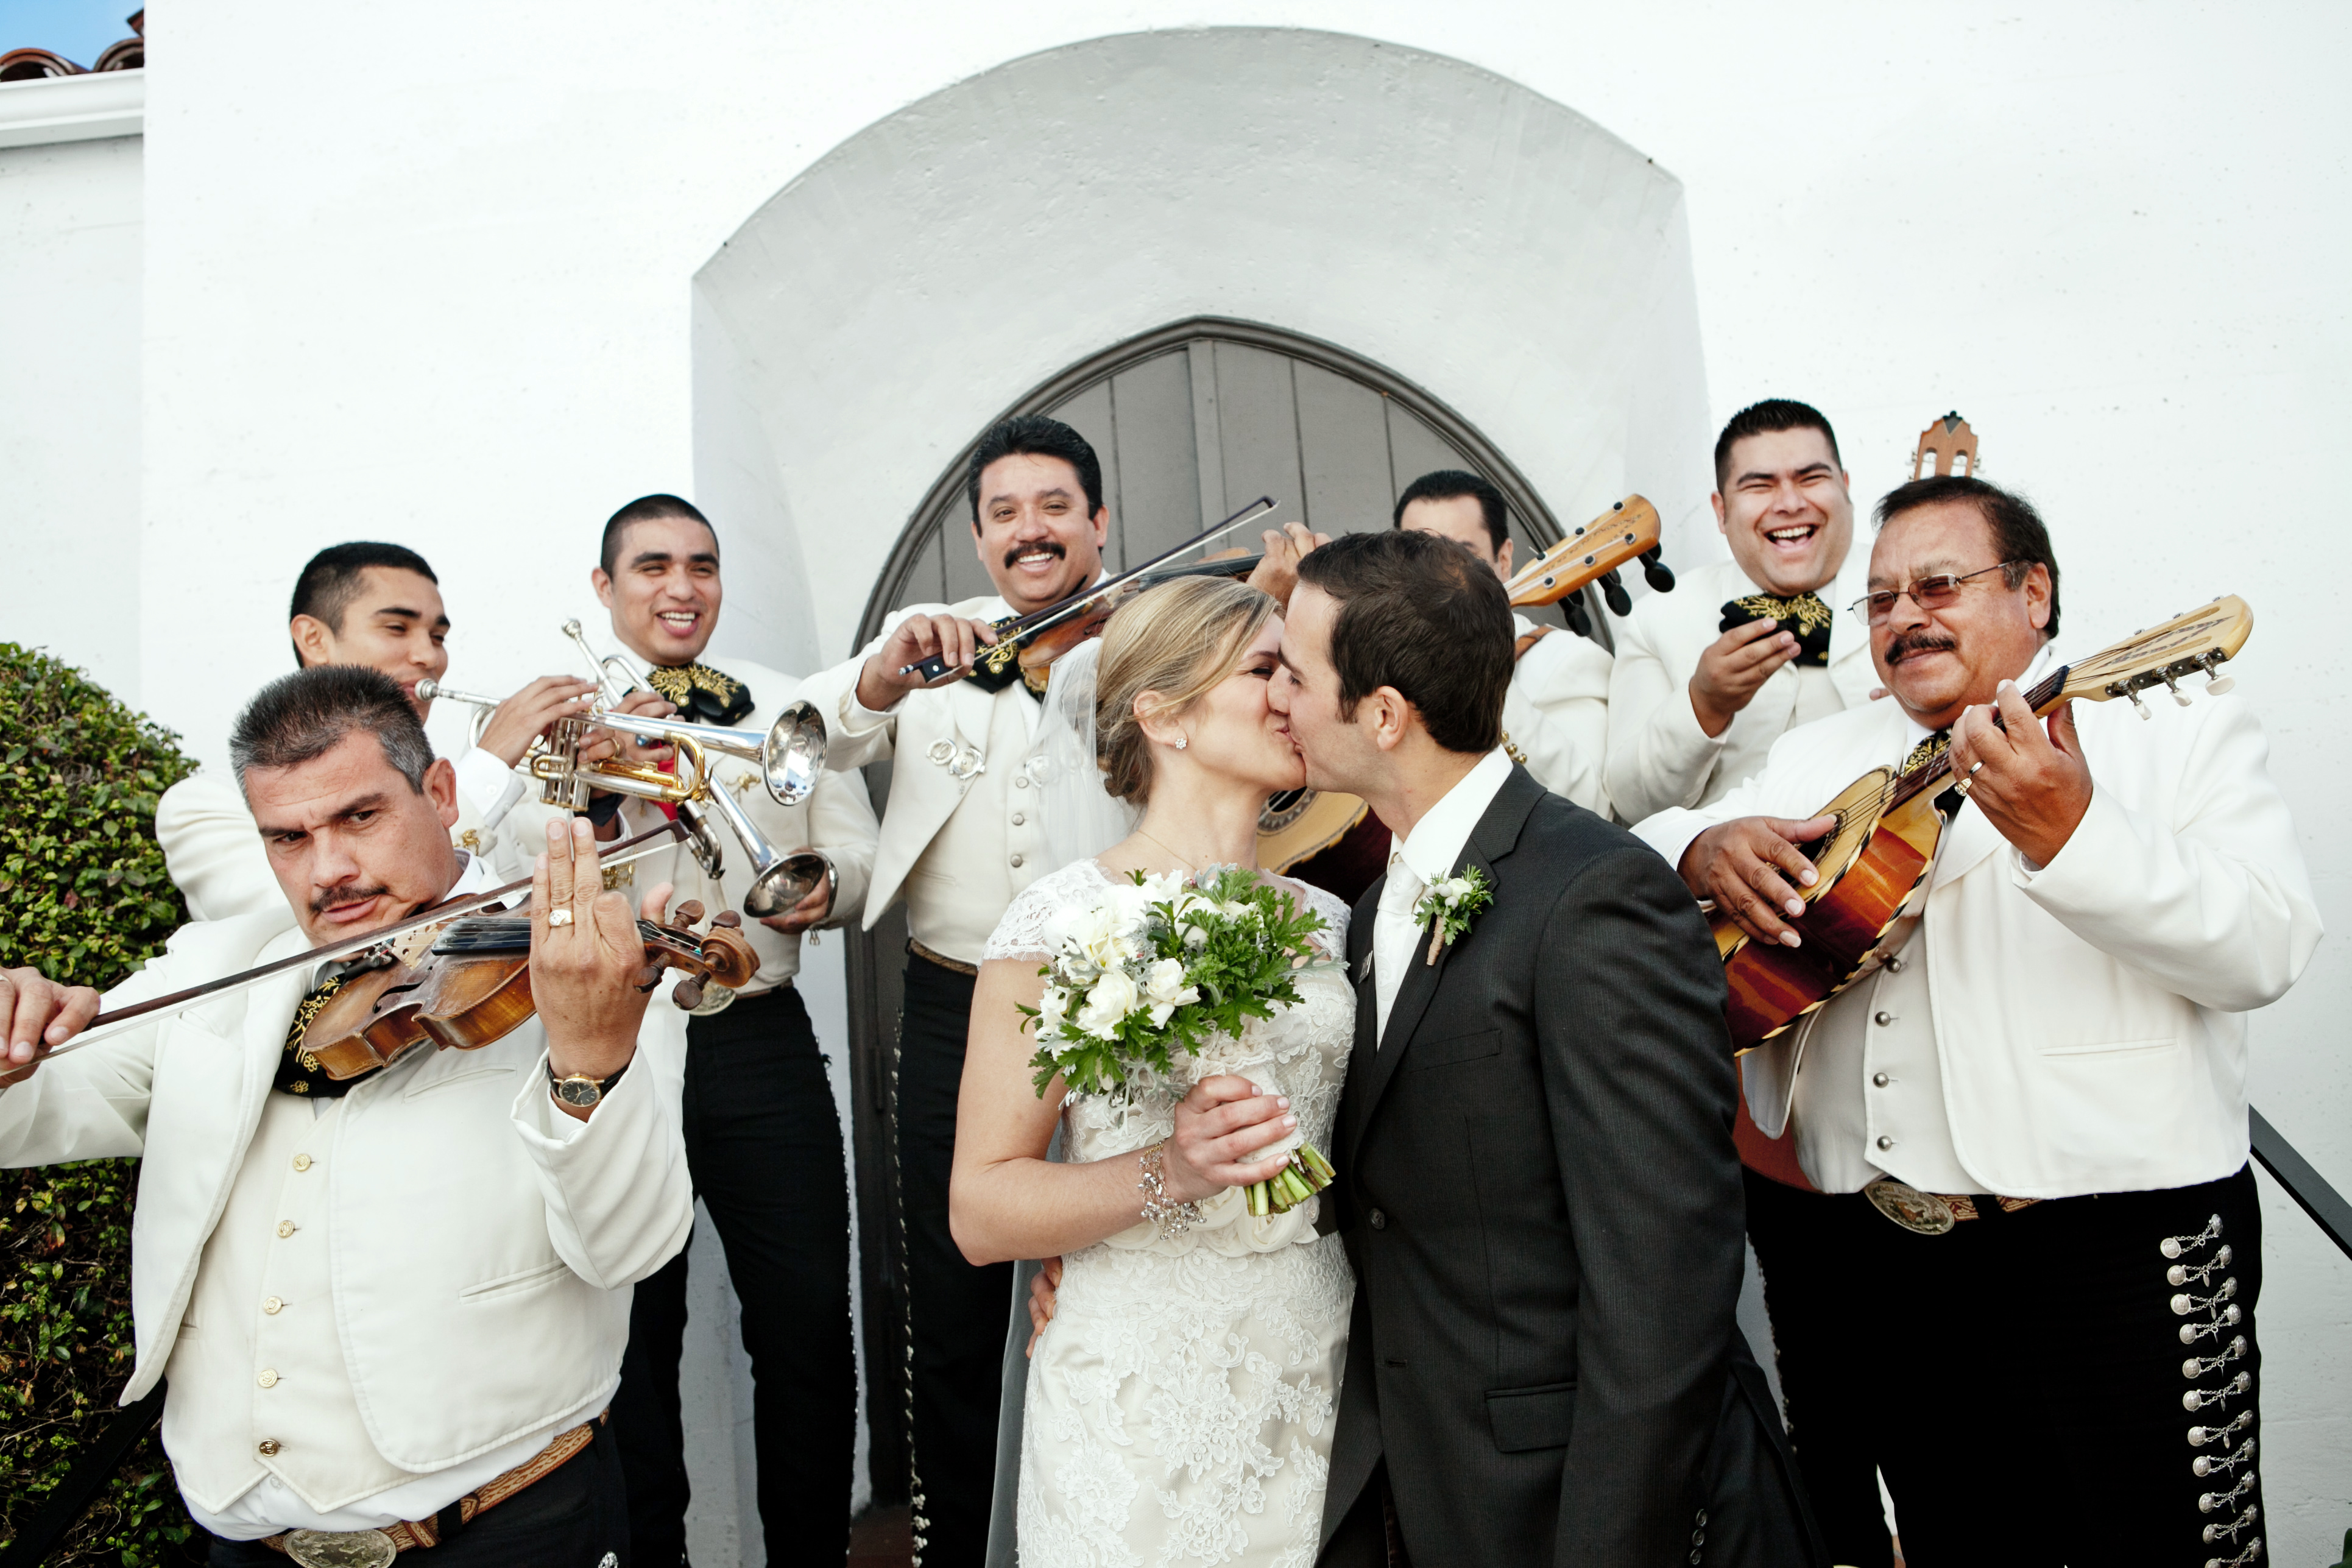 Band For Wedding 0 Nice Mariachi Band For Wedding